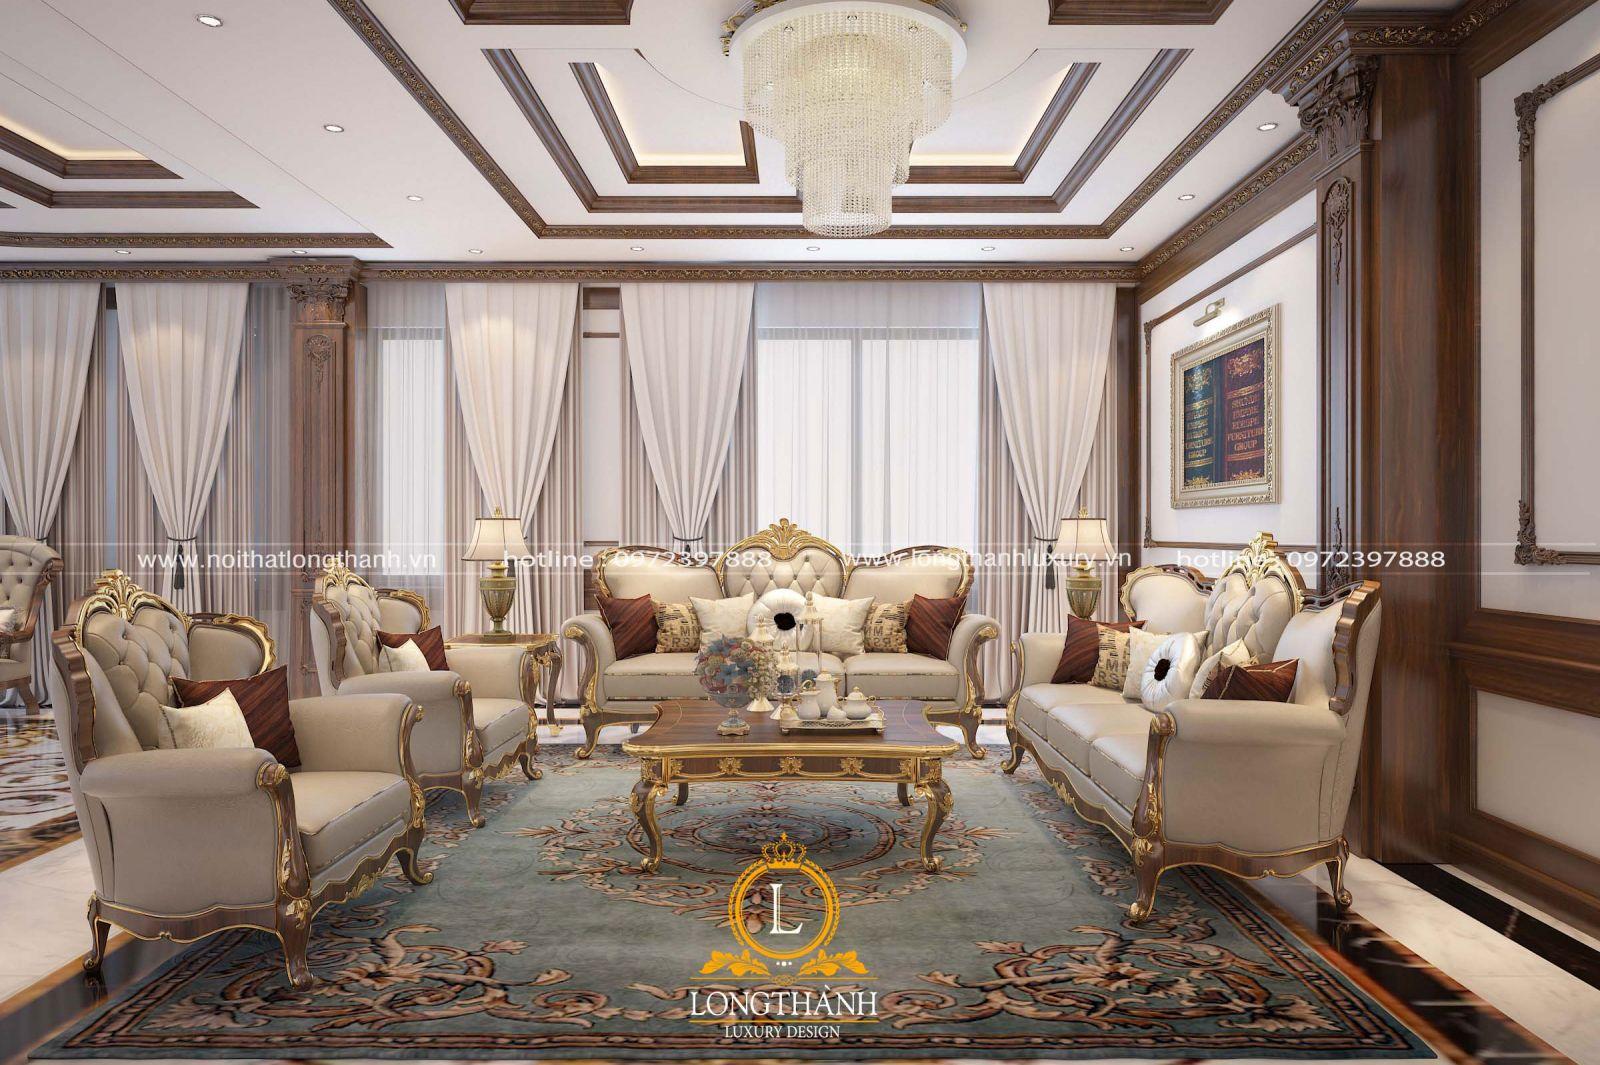 Sofa cổ điển nhẹ nhàng dát vàng sáng bóng